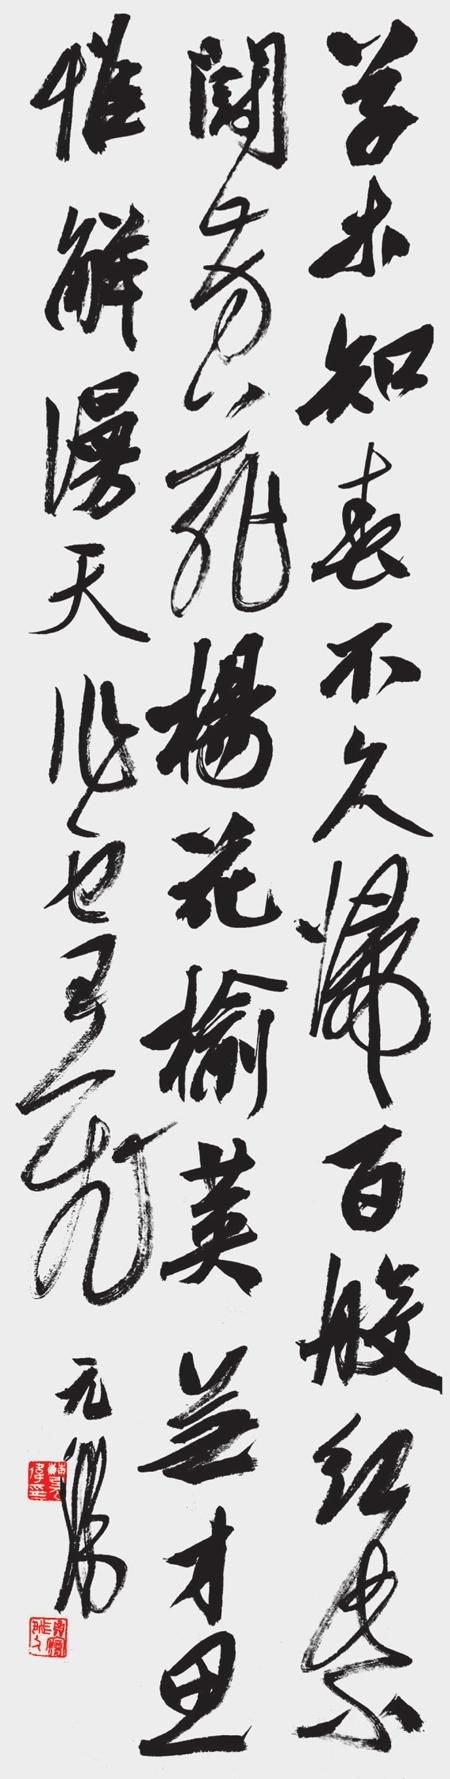 曹元伟示范作品 行书草木条幅.png